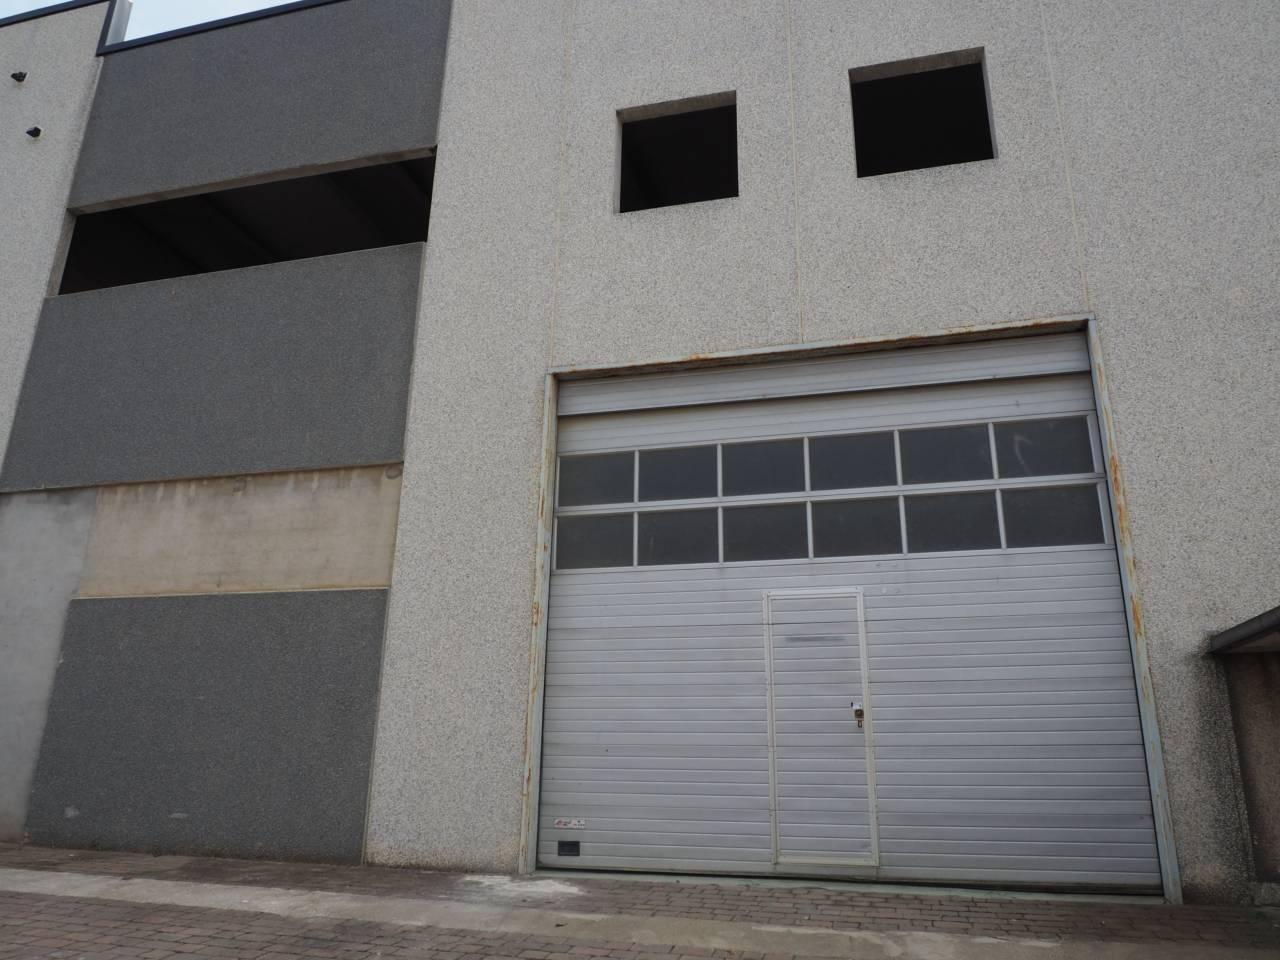 Nave industrial  Calle ponent, 8. Producto bancario: nave industrial de 504 m² distribuidos en dos